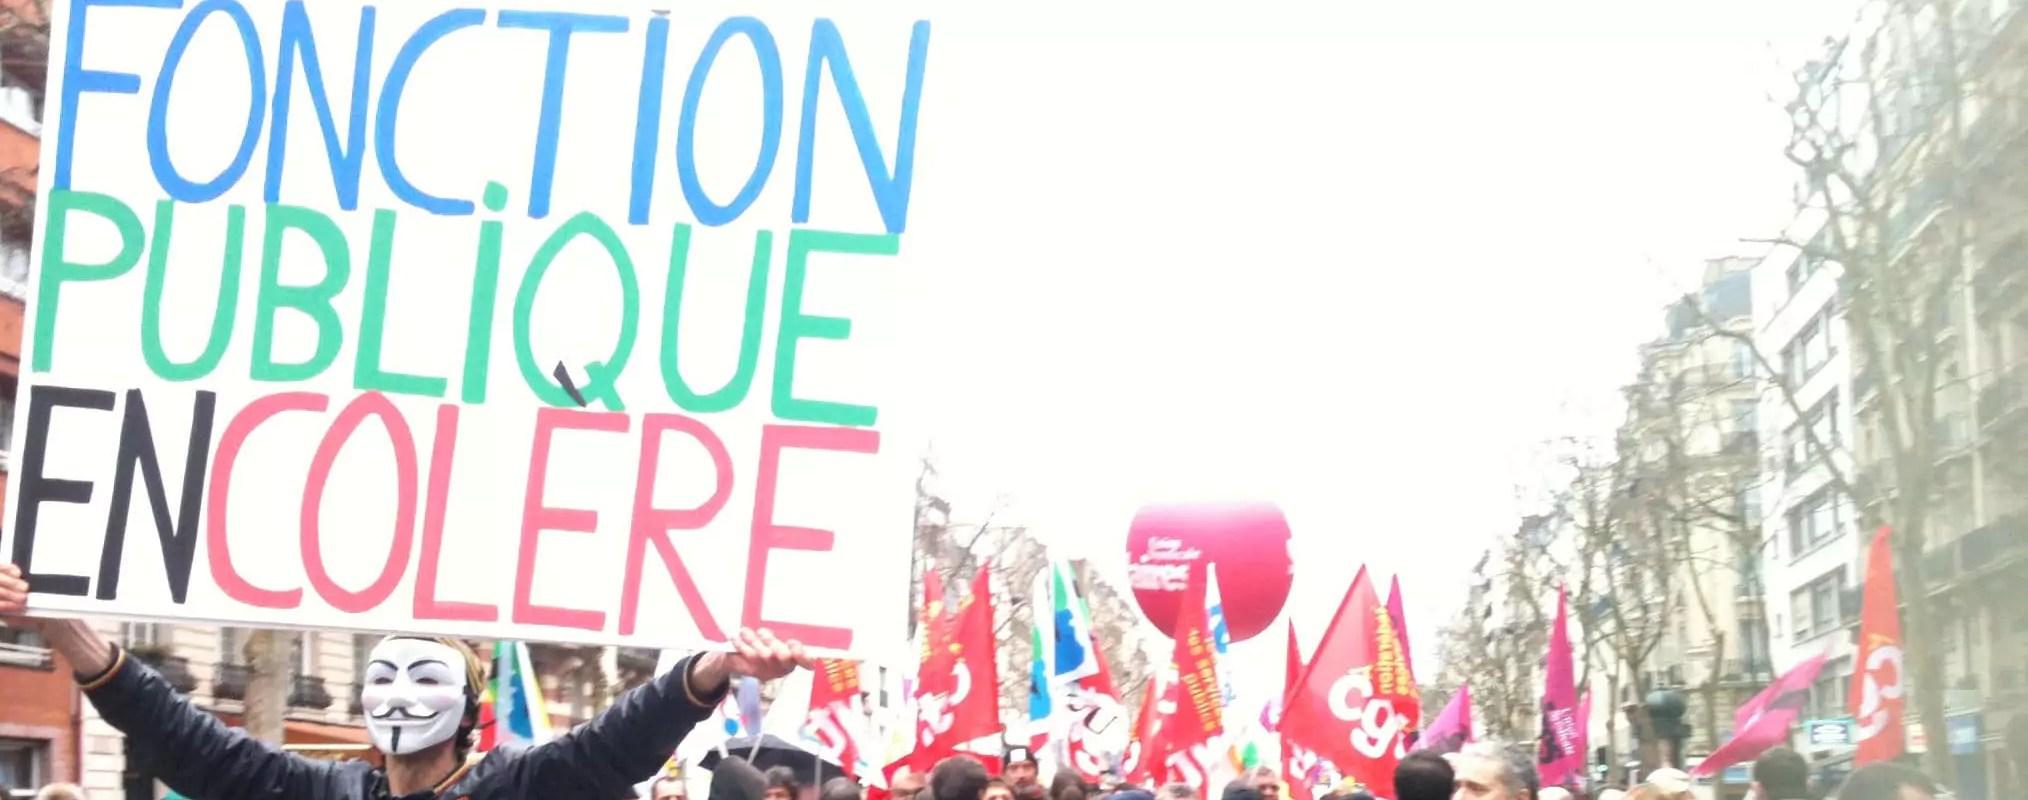 Mobilisation des syndicats de la fonction publique mardi, cantines et dizaines d'écoles fermées